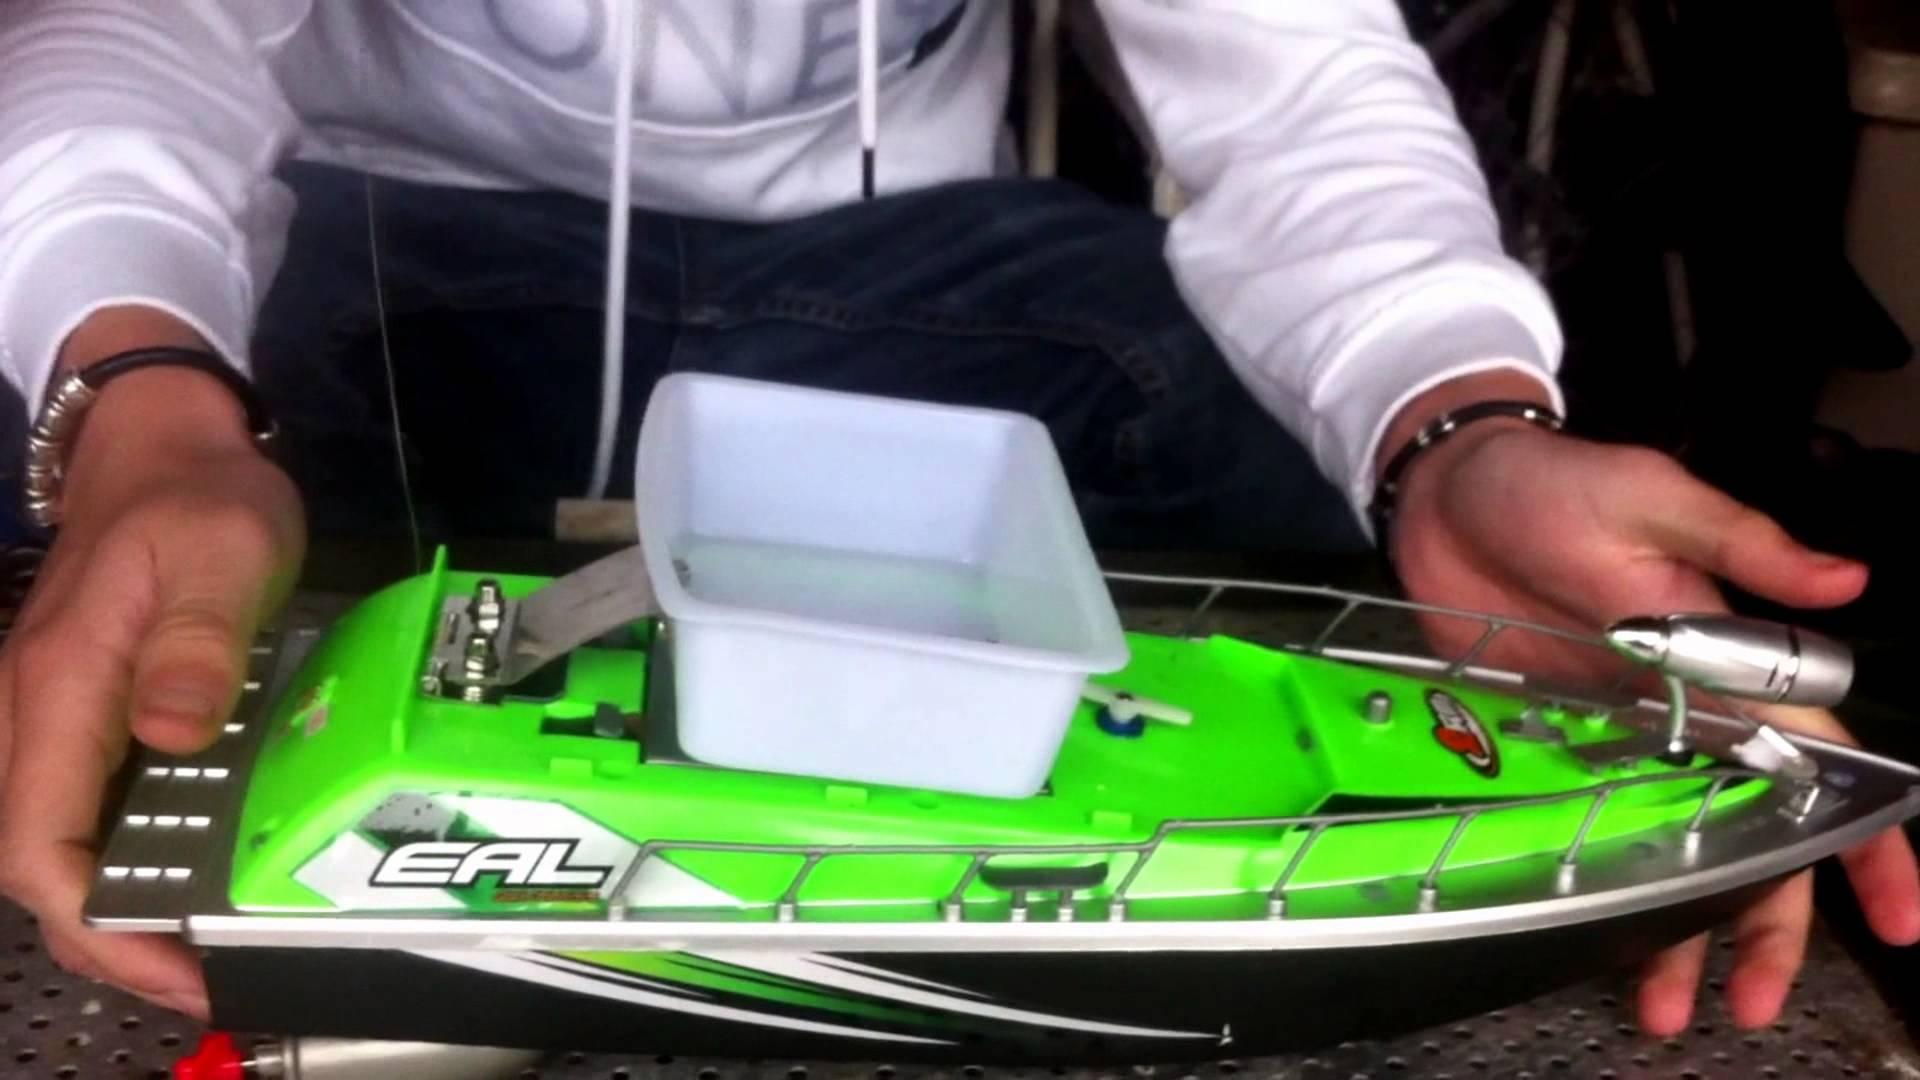 bateau amorceur c'est quoi